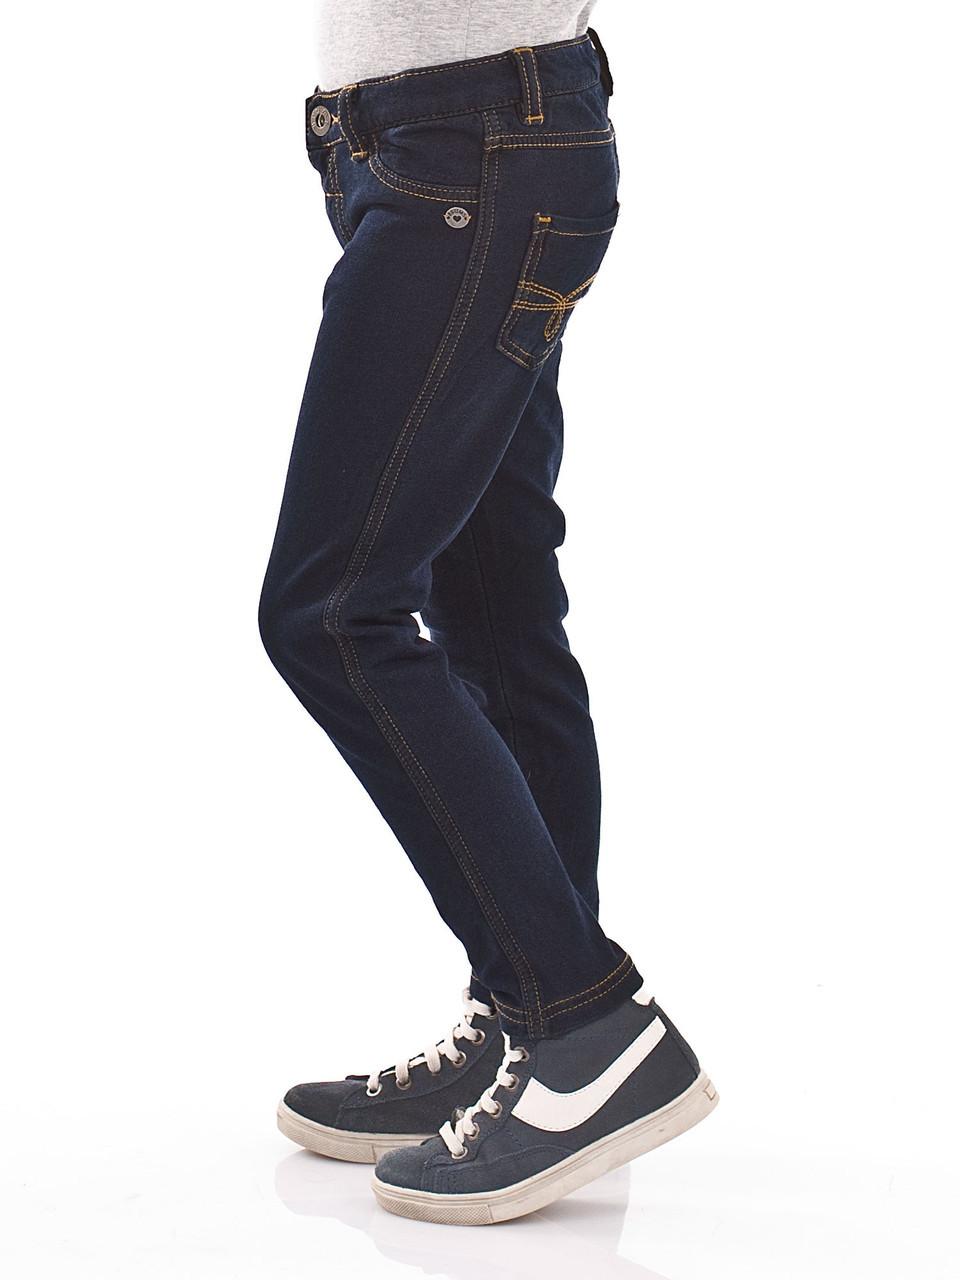 Детские джинсы для девочки BRUMS Италия 143BGBM006 Черный